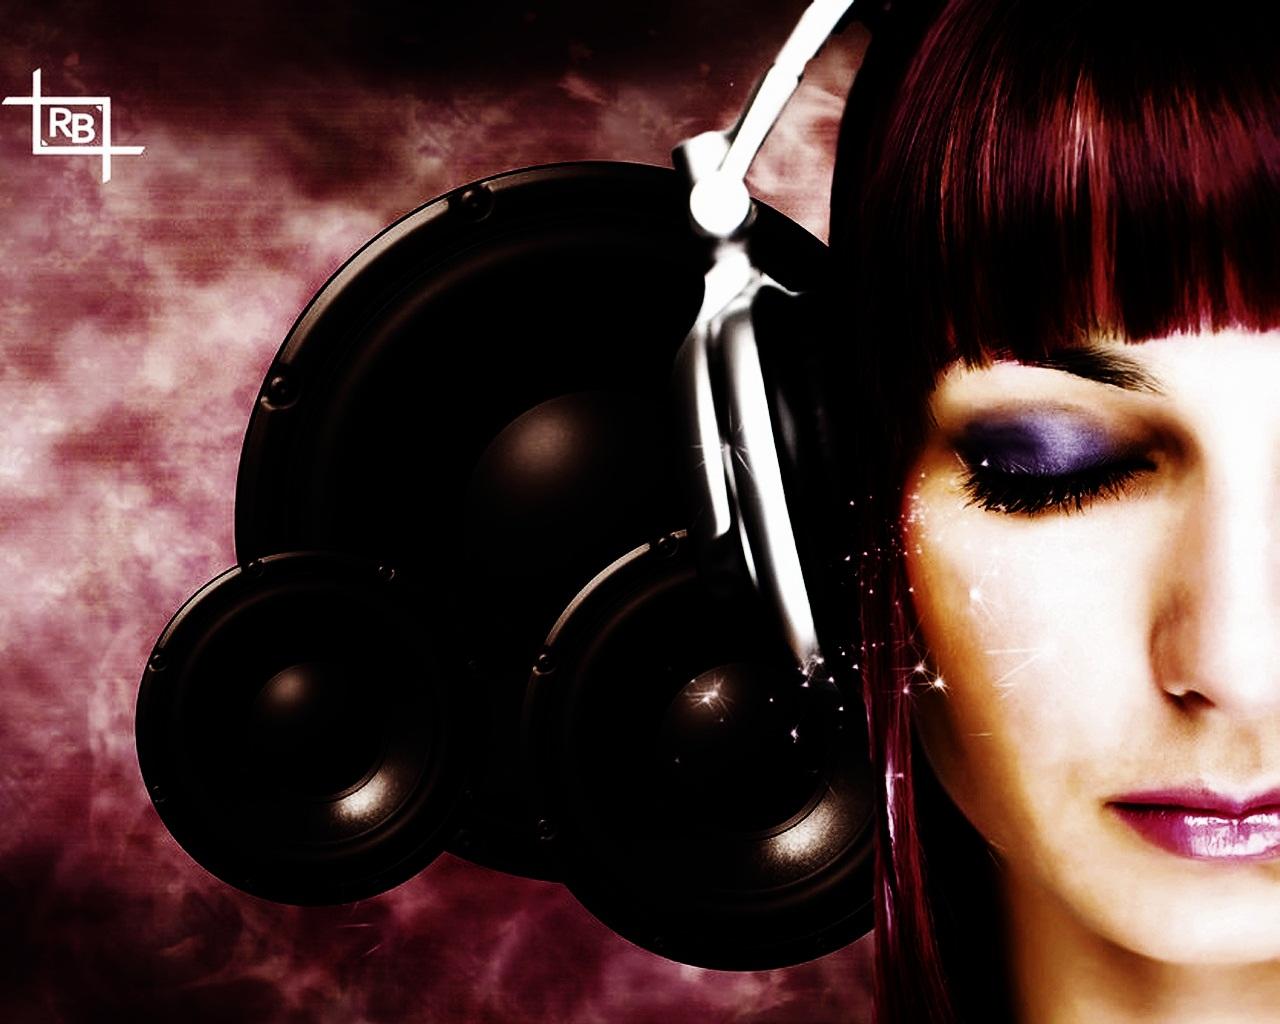 http://3.bp.blogspot.com/-Lp8iEqZ27eA/TtDtlYZL_BI/AAAAAAAAANc/Vu1fOO-9Gek/s1600/the_sound_whisperer-1280x1024.jpg